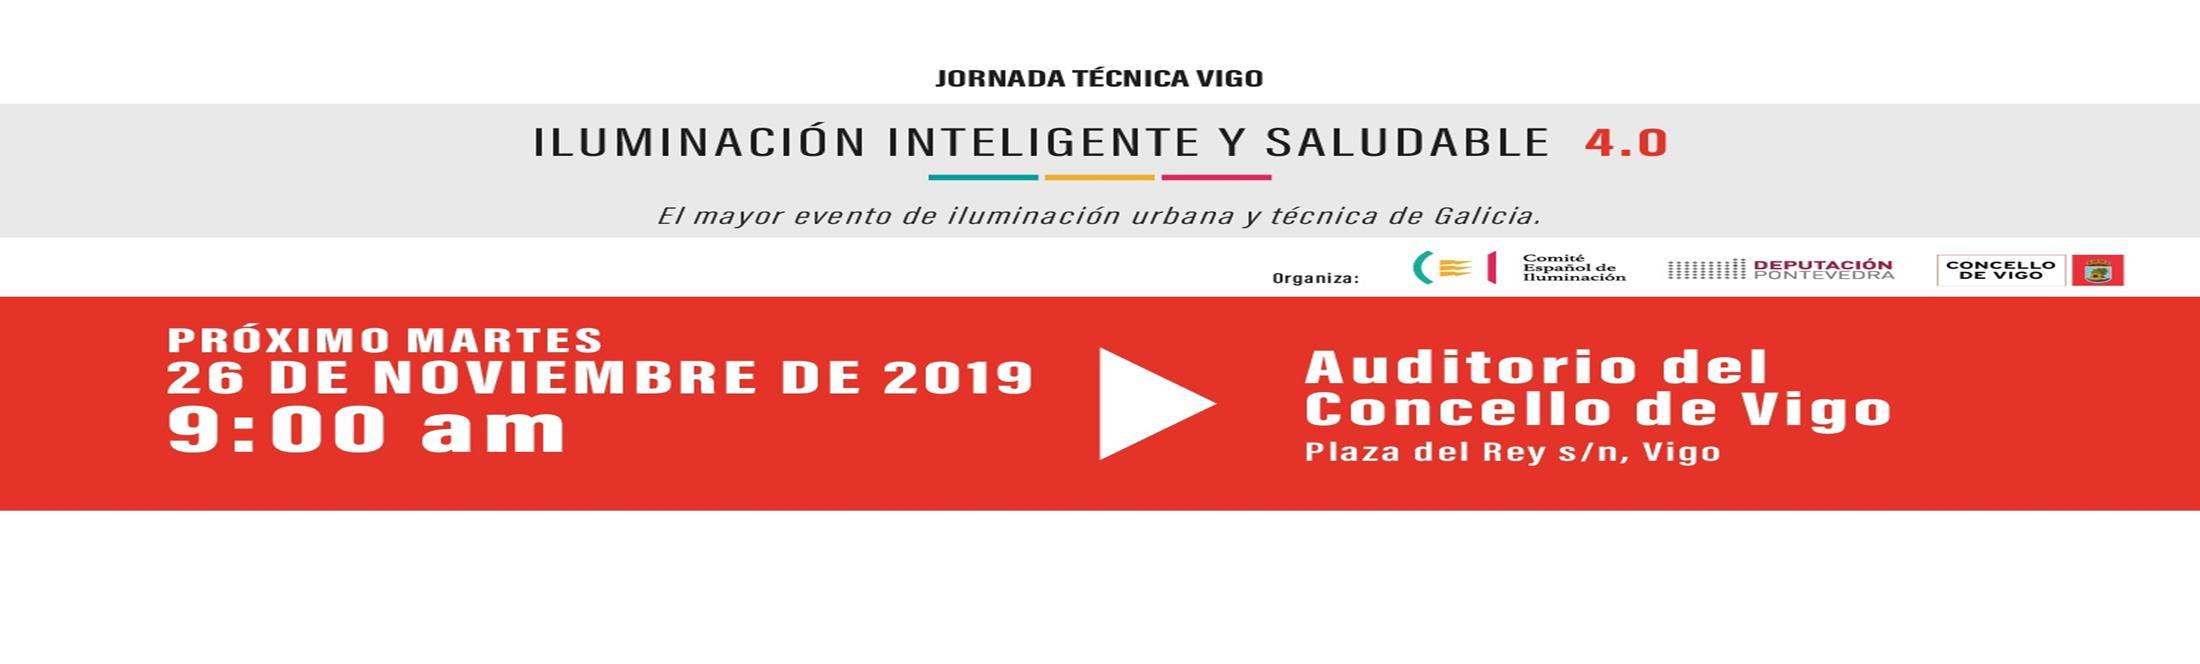 Jornada Técnica Iluminación Inteligente y Saludable 4.0